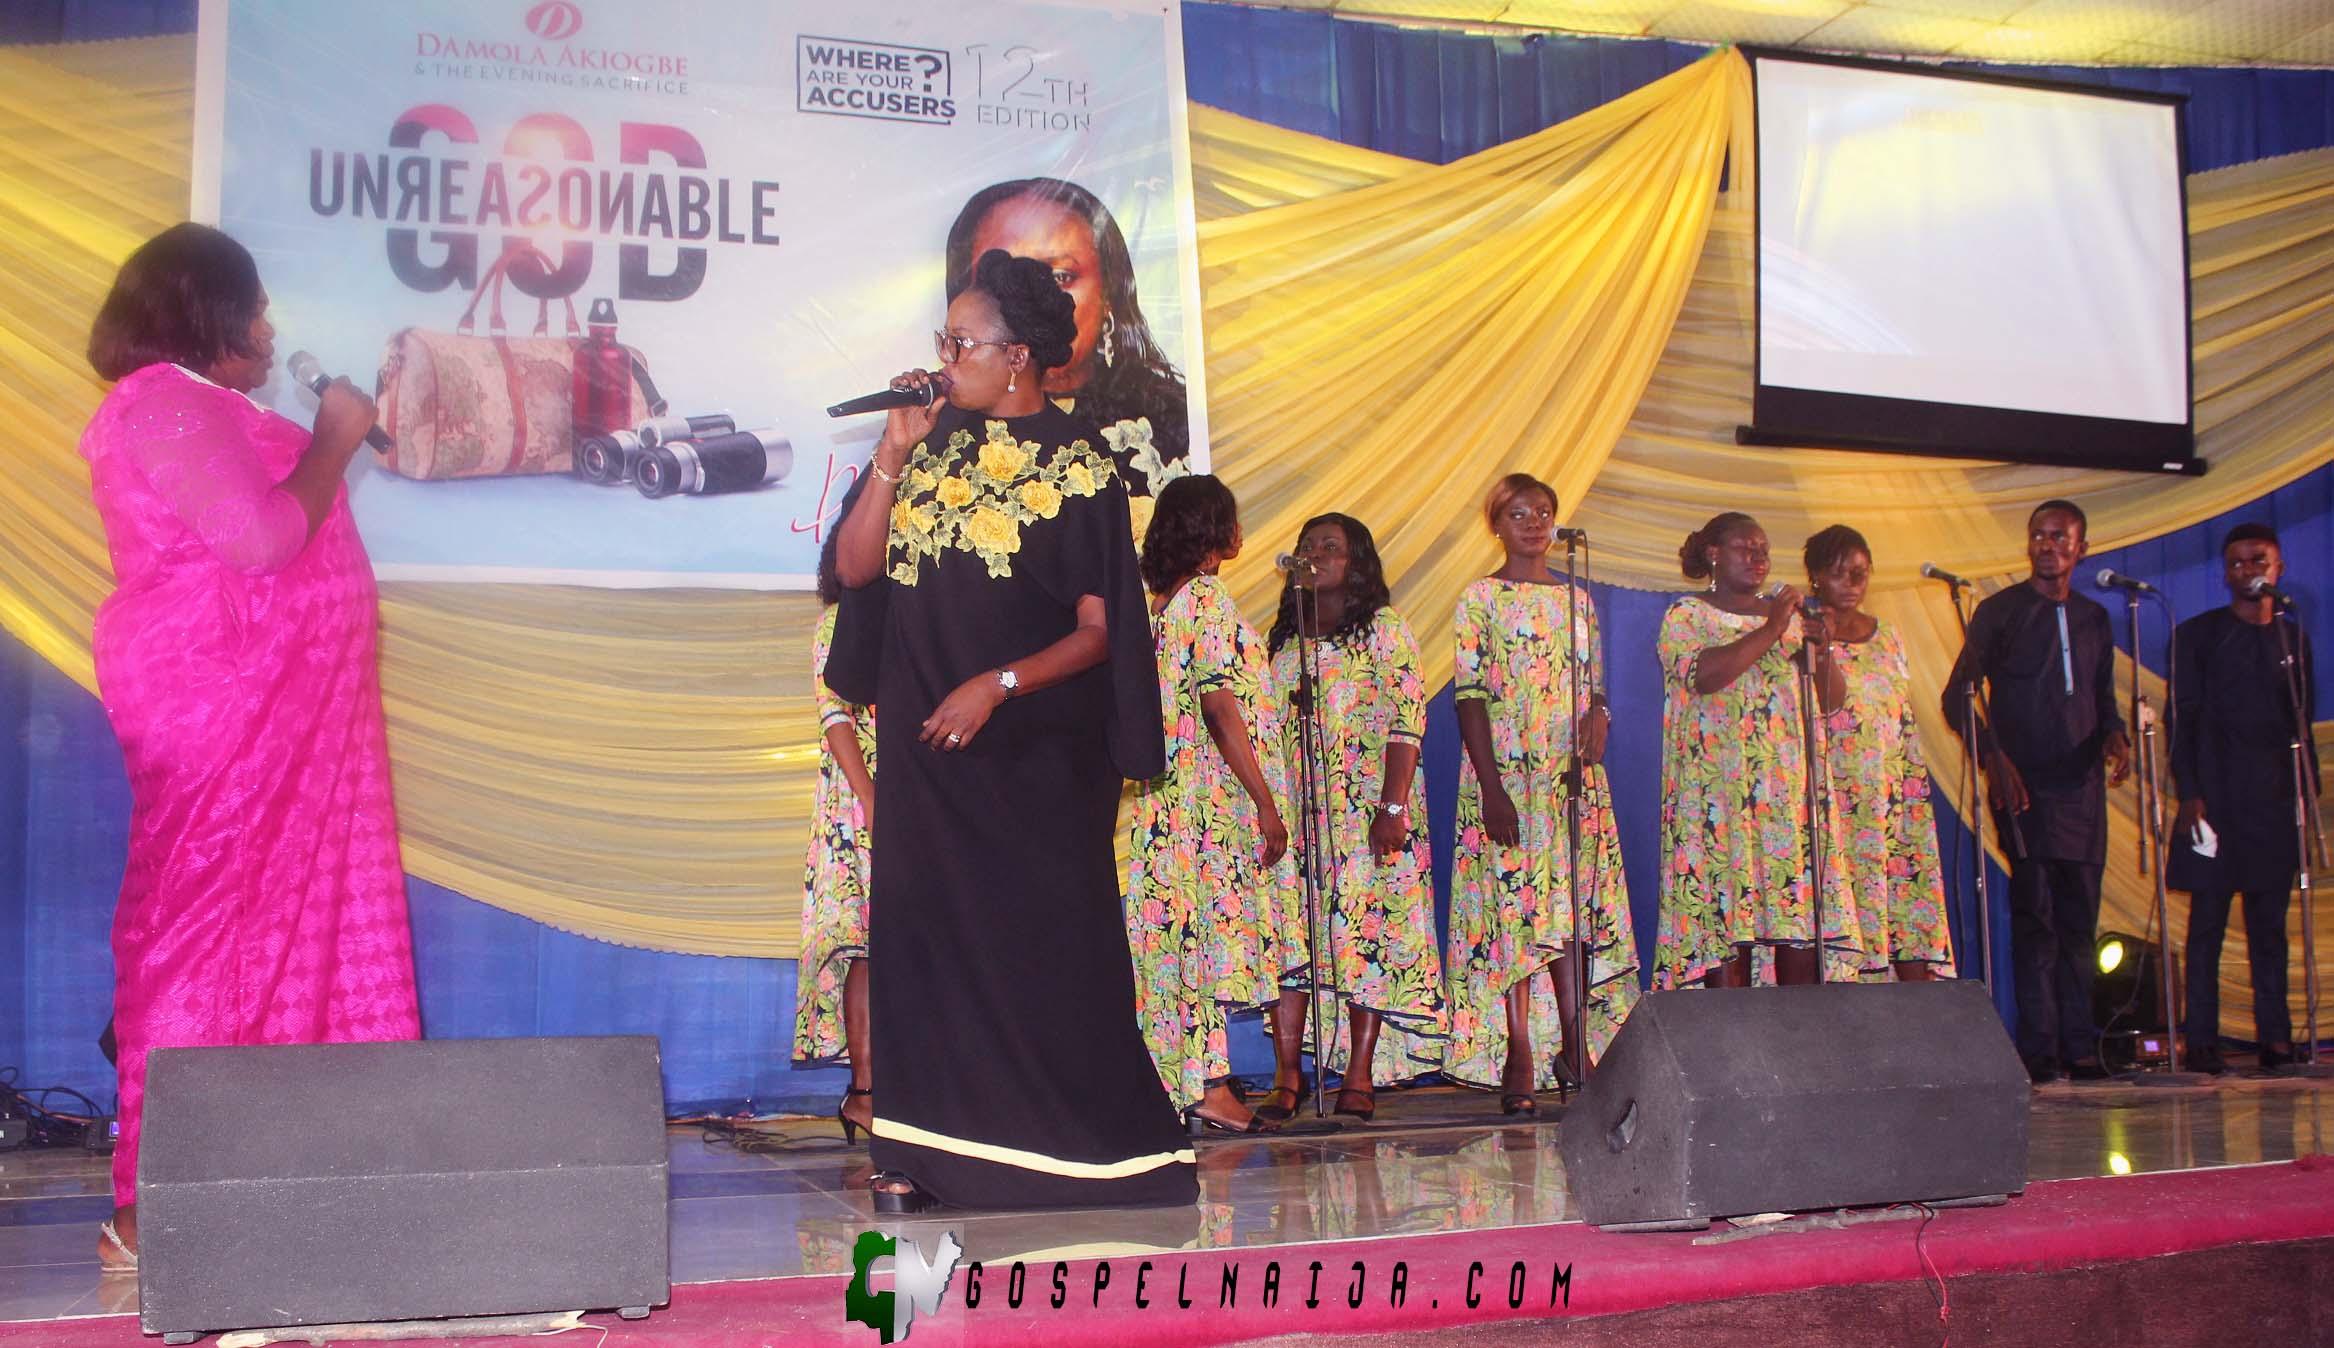 UNREASONABLE GOD with Damola Akiogbe WAYA 2017 [@DamolaWAYA] (5)